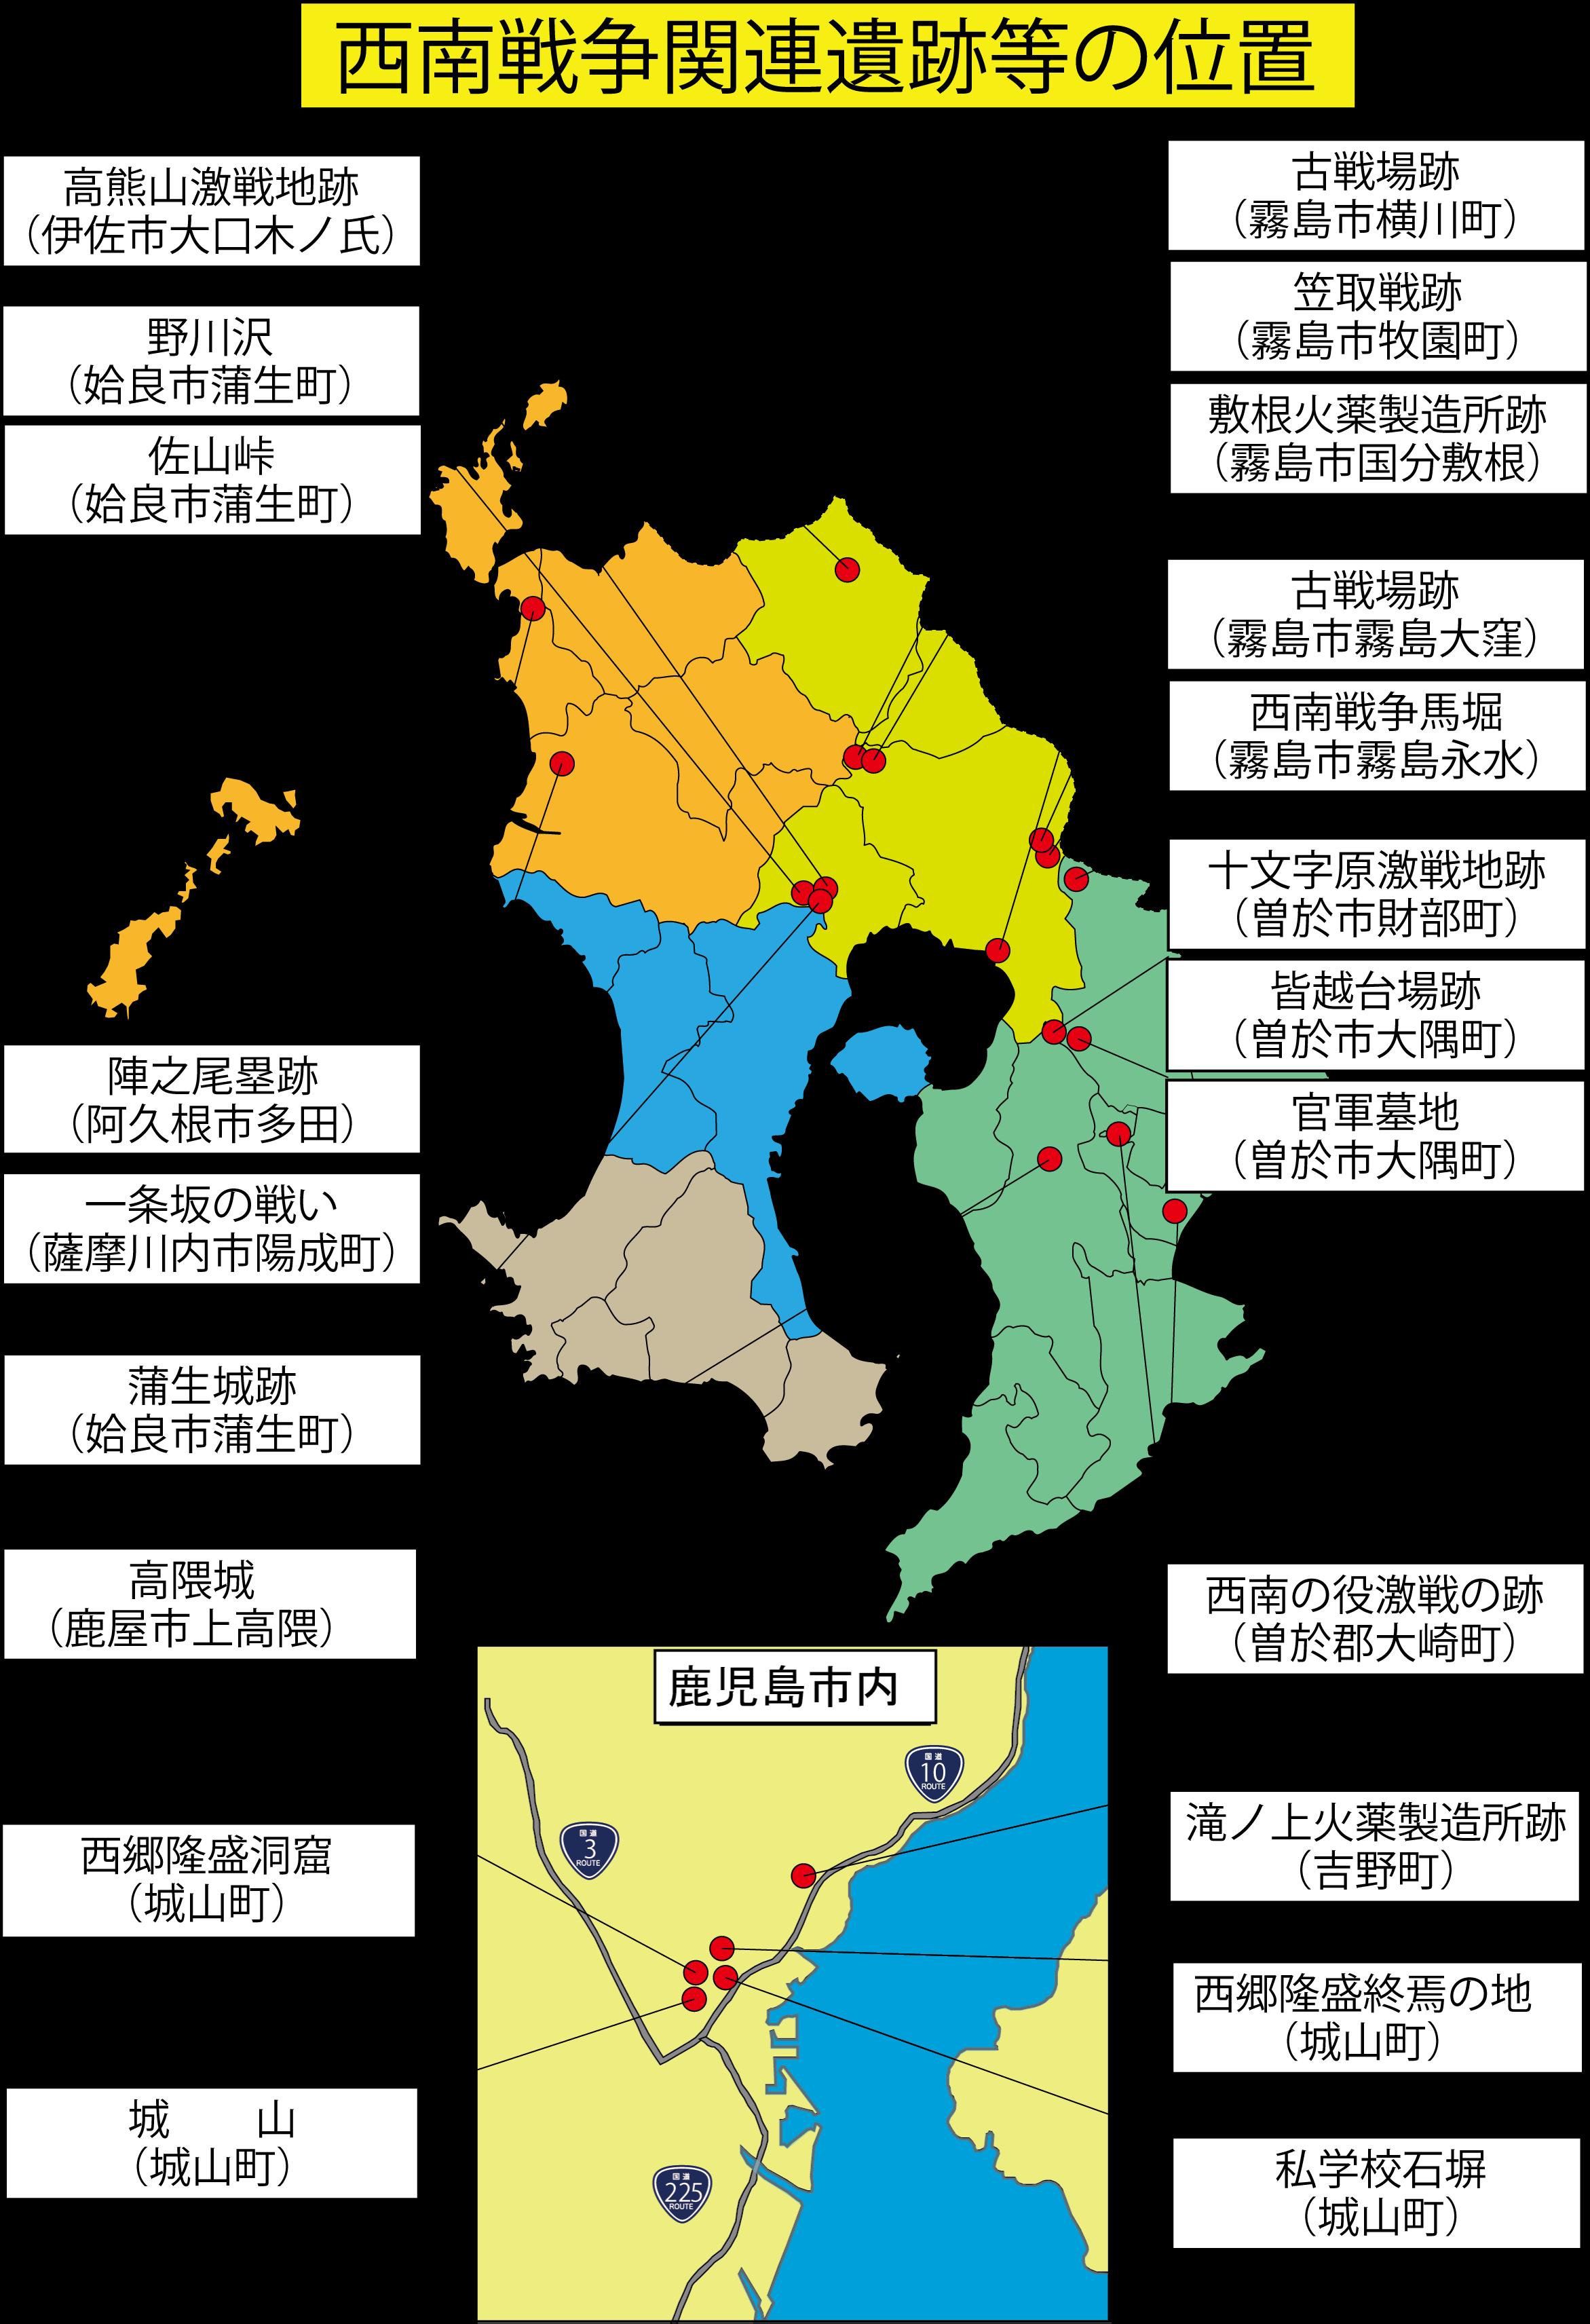 西南戦争を掘り,学ぶ事業 – 鹿児島県上野原縄文の森